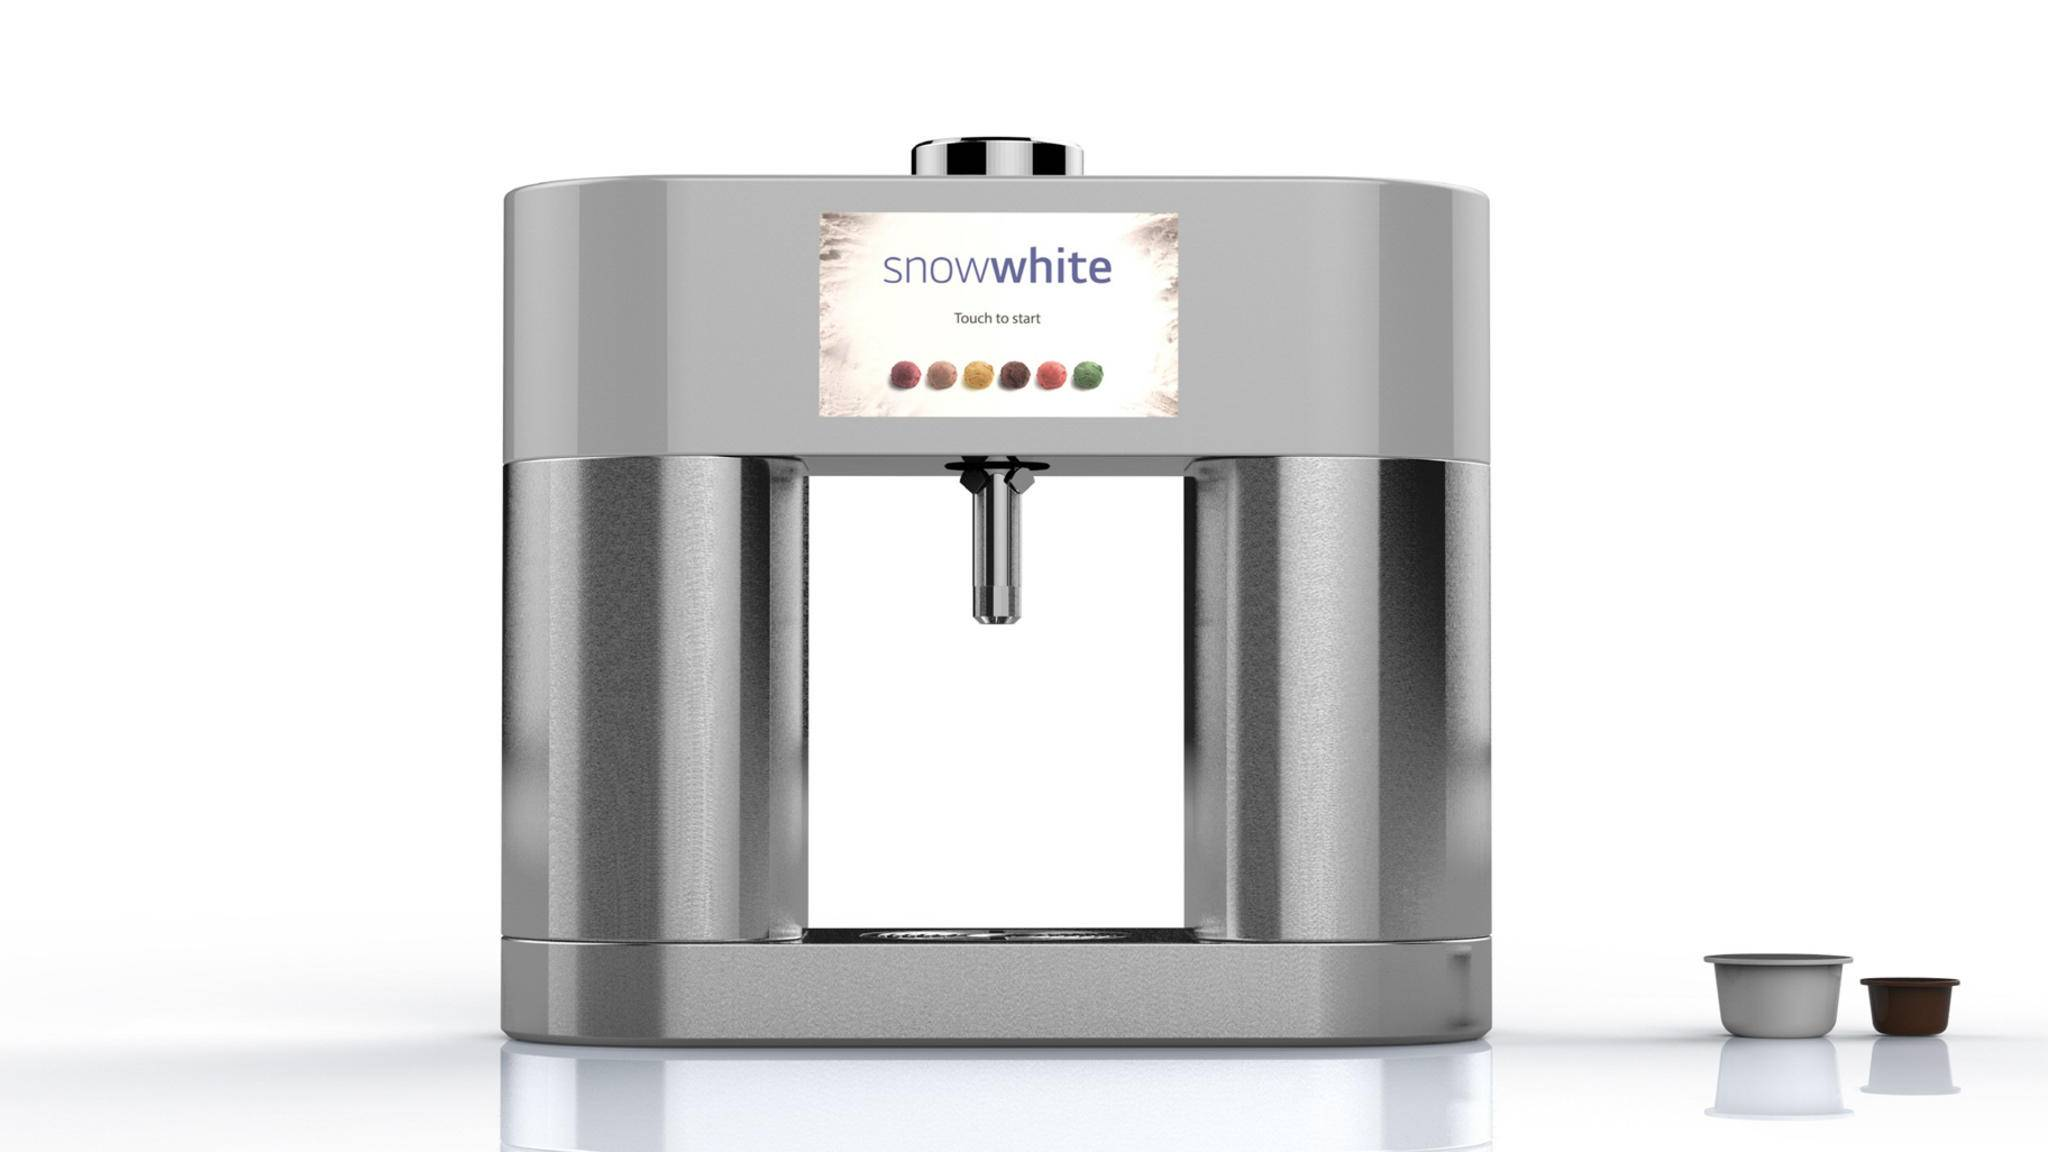 Frische Eiscreme aus der Kapselmaschine verspricht LGs Snowwhite.